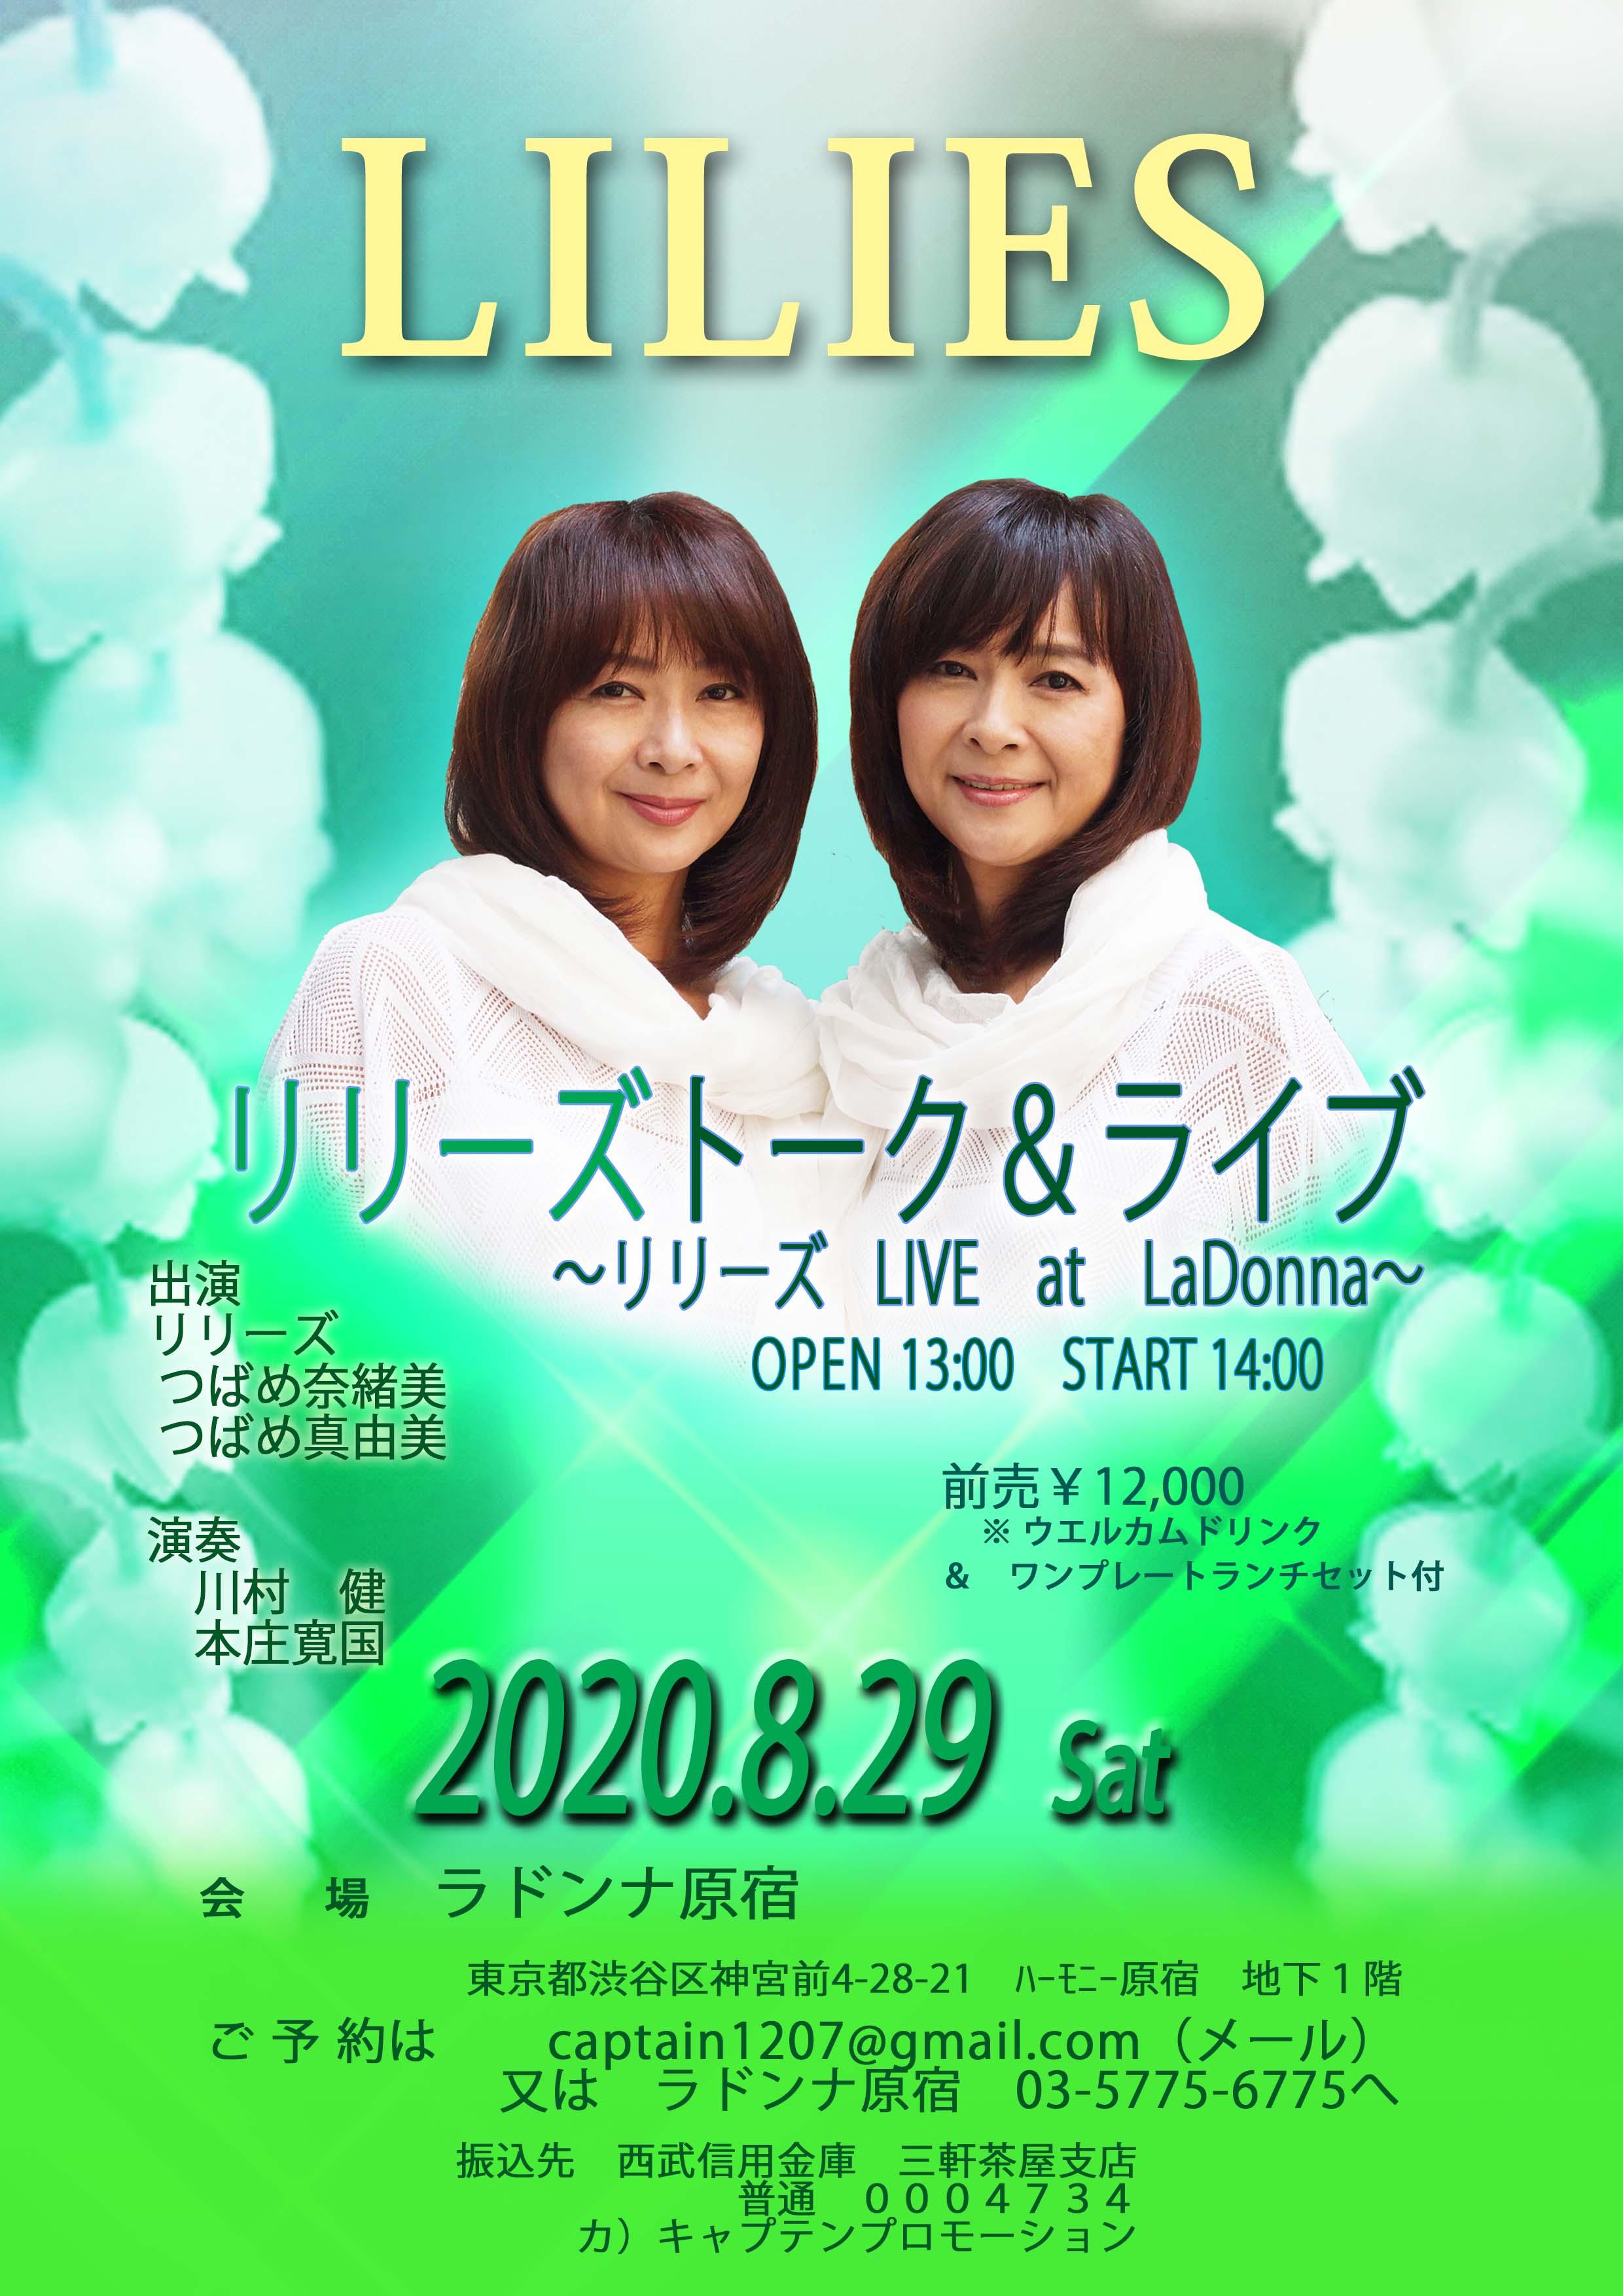 リリーズ トーク&ライブ 〜夏の終わりのハーモニー〜